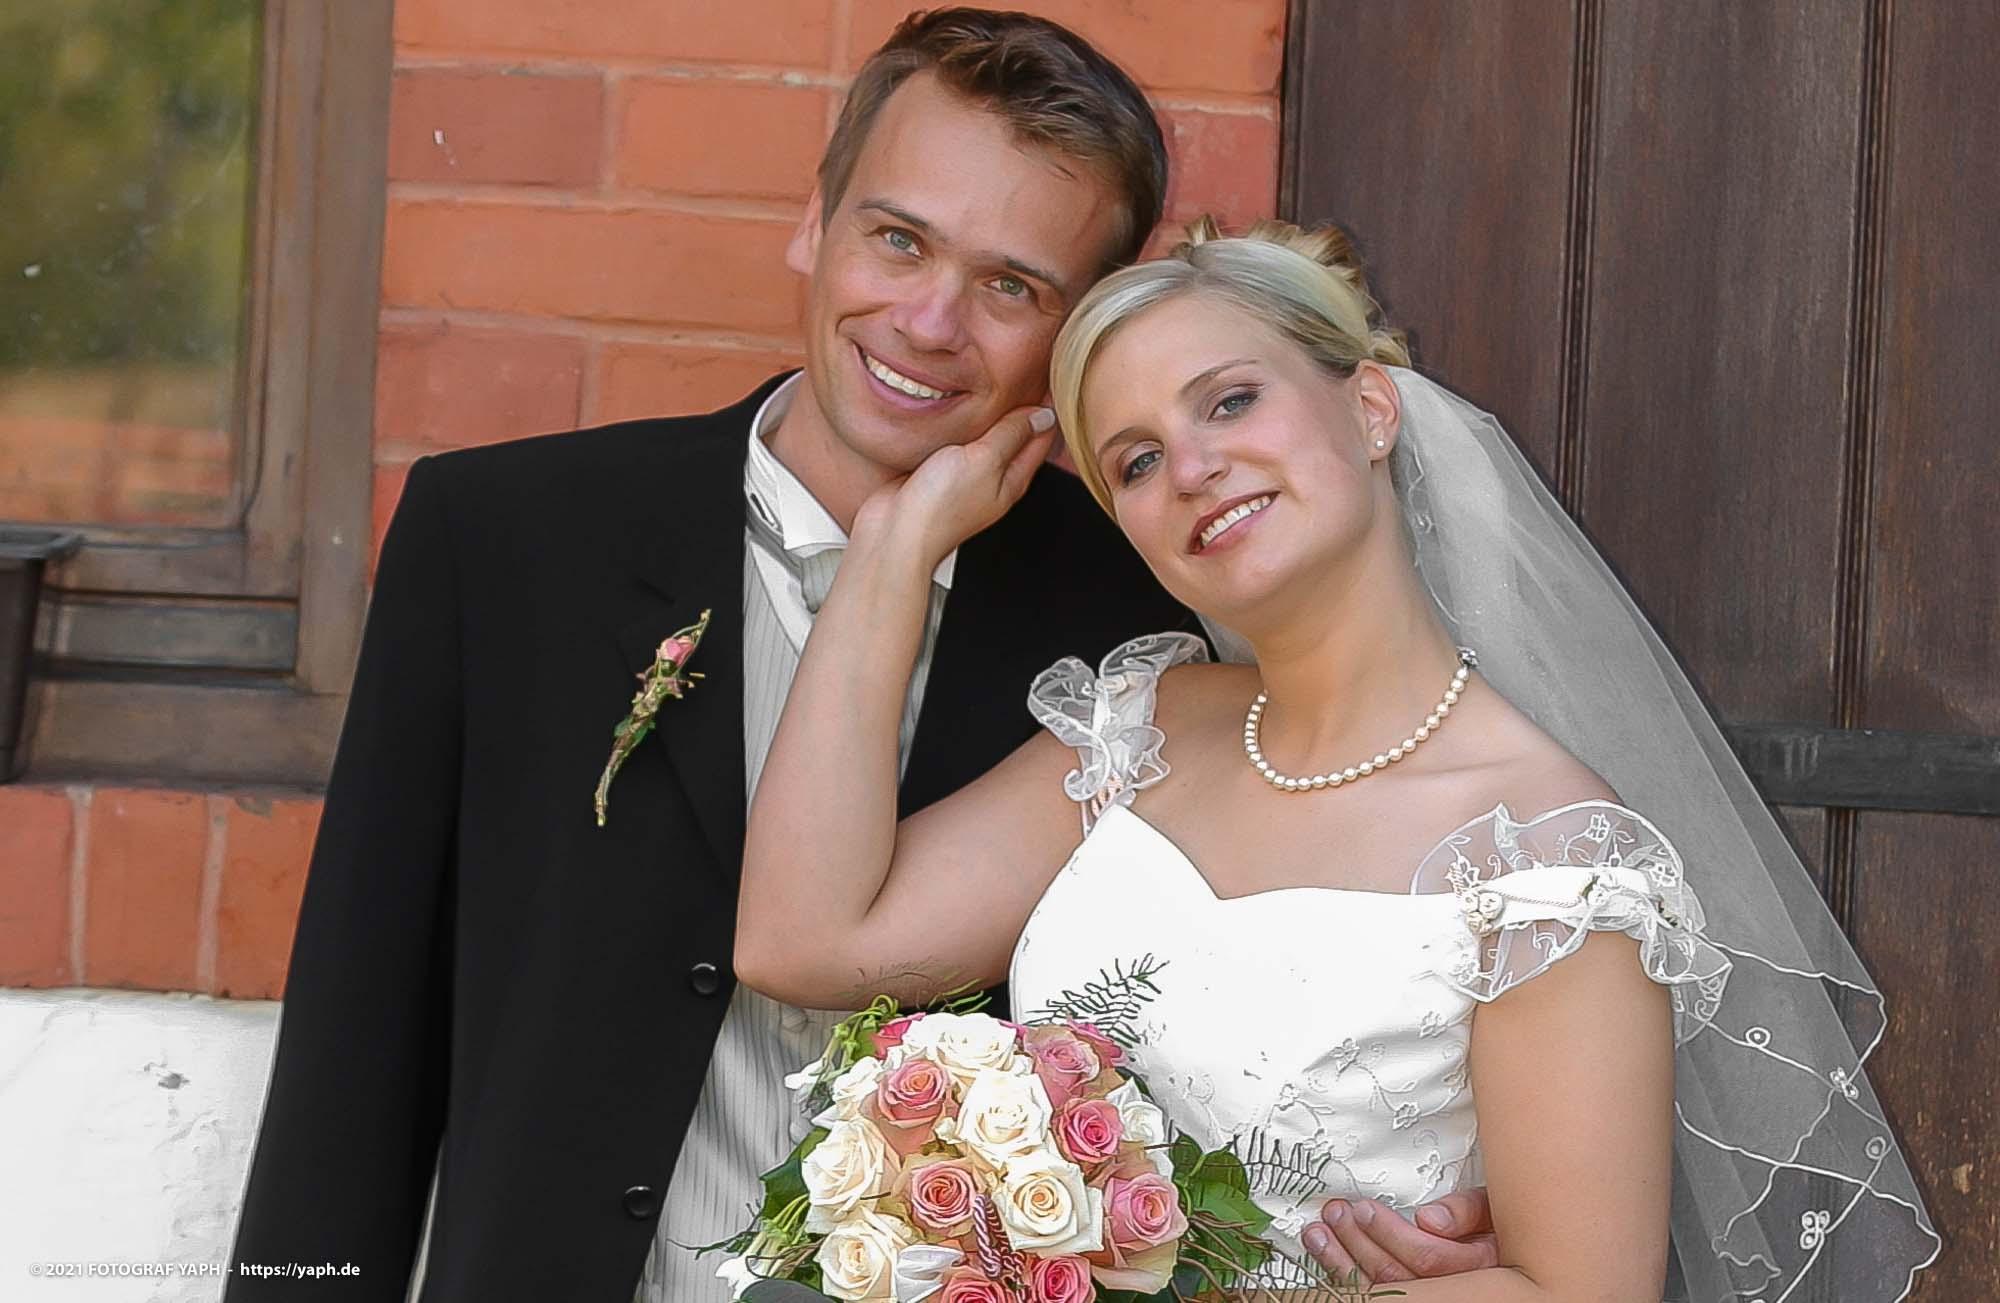 Hochzeitsfotograf Trier - Yaph - Hochzeitsfootos Nina & Lars